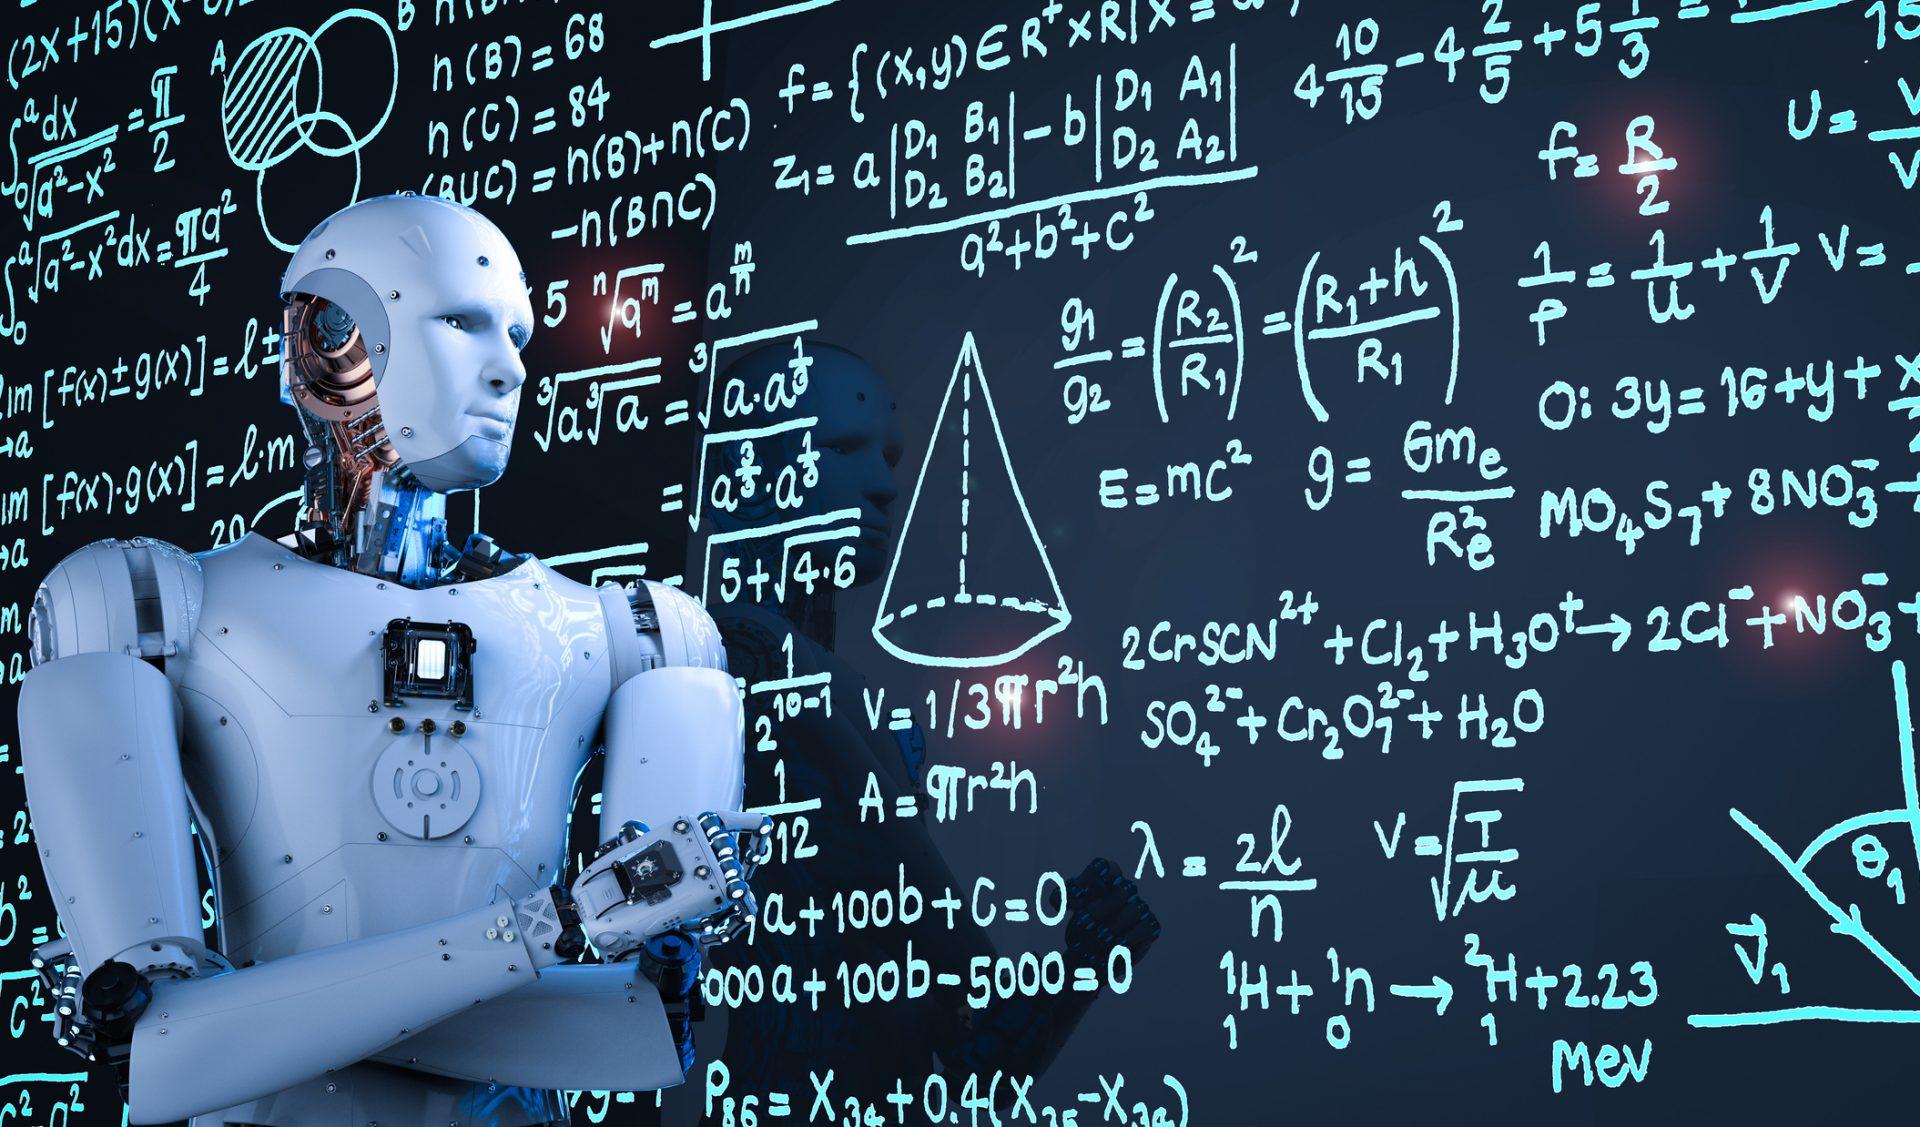 Понимает ли искусственный интеллект то, что он читает?